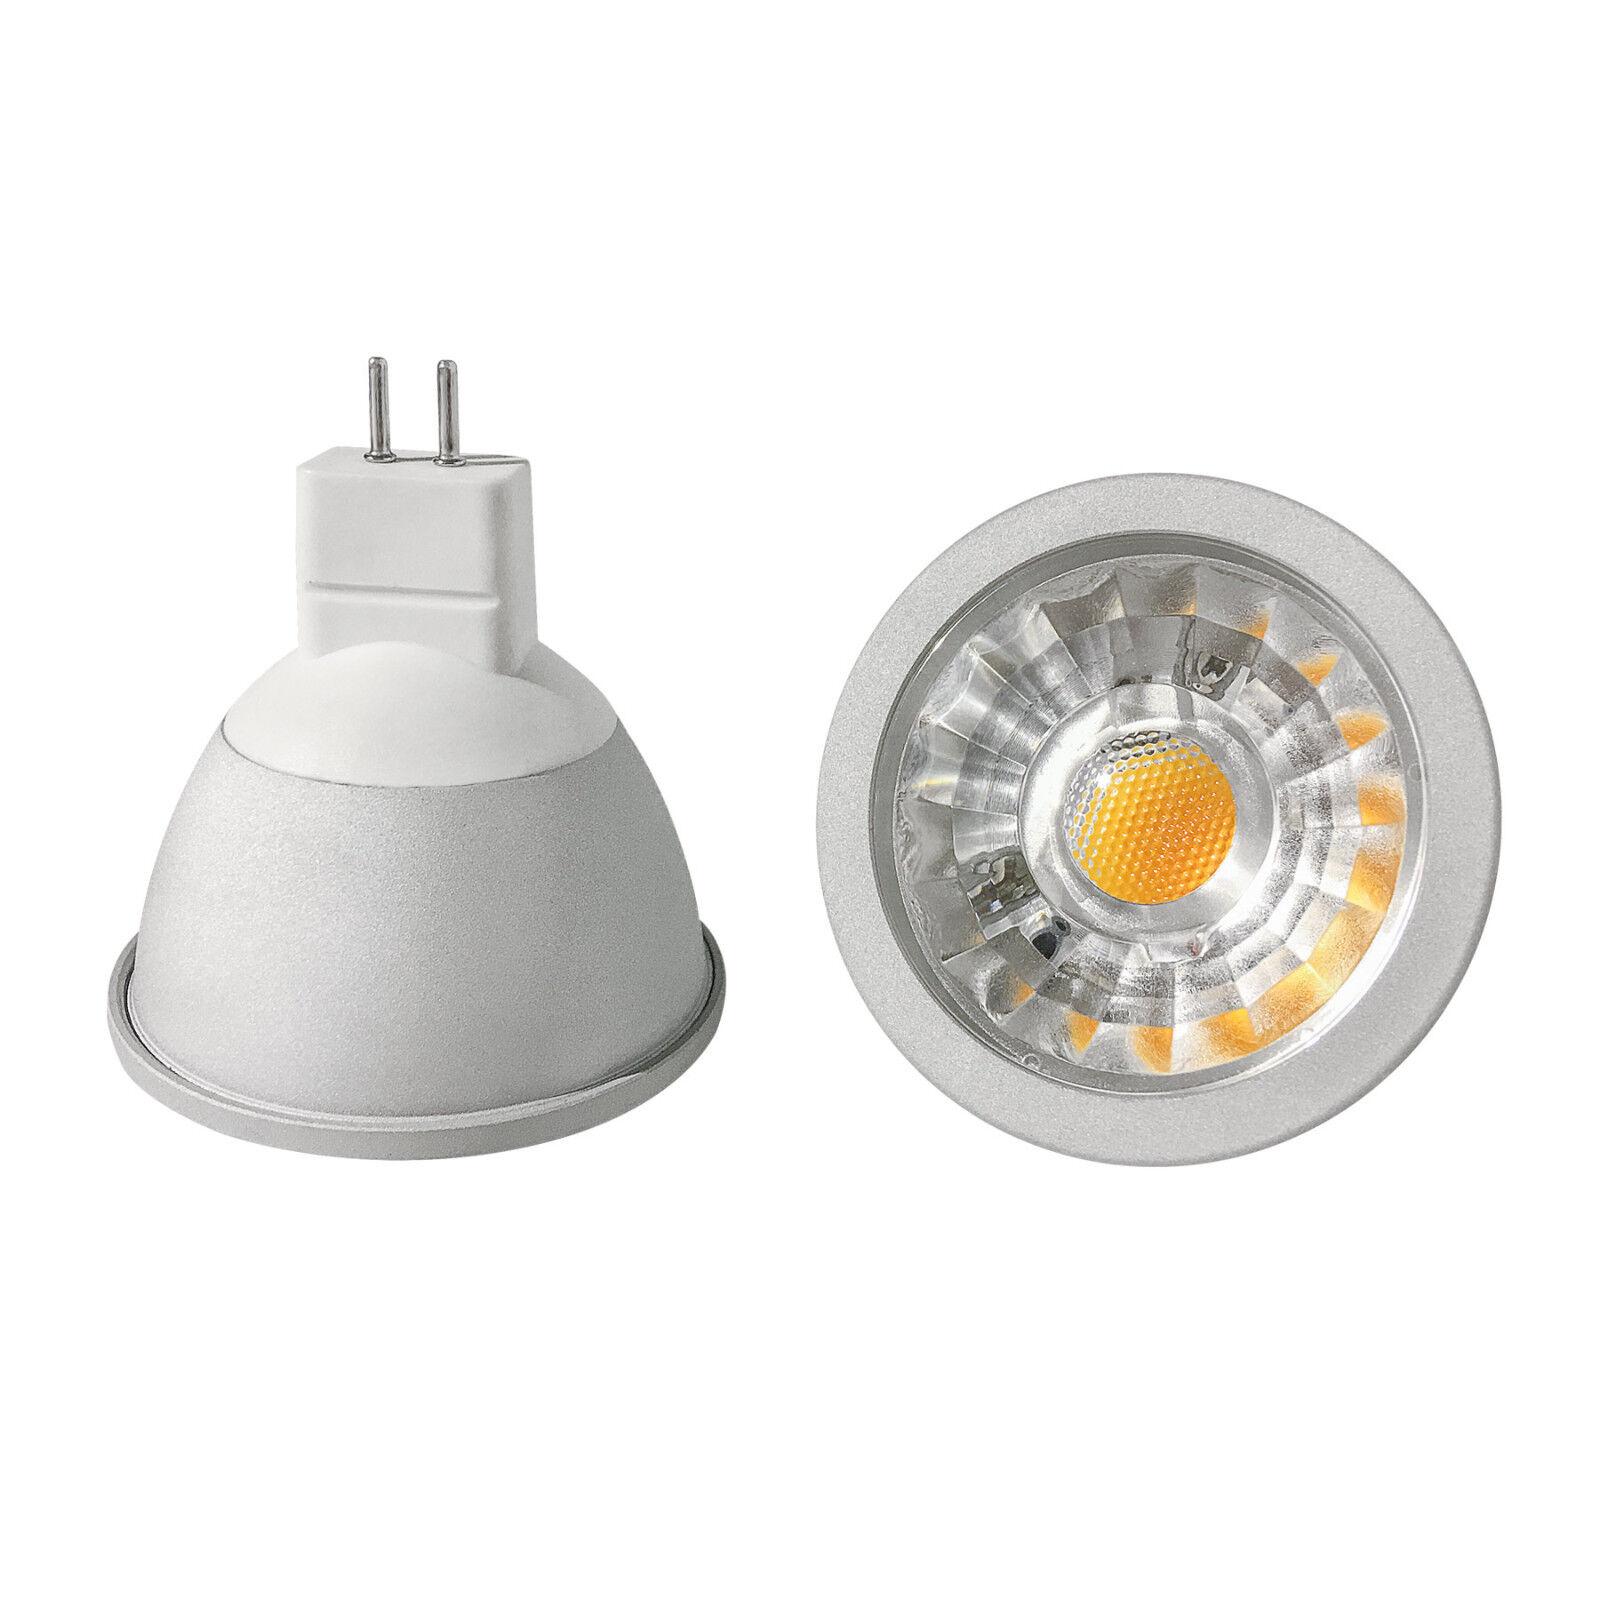 Cob lámparas LED gu5.3 mr16 - 3 5 6 vatios 280 450 540 lúmenes